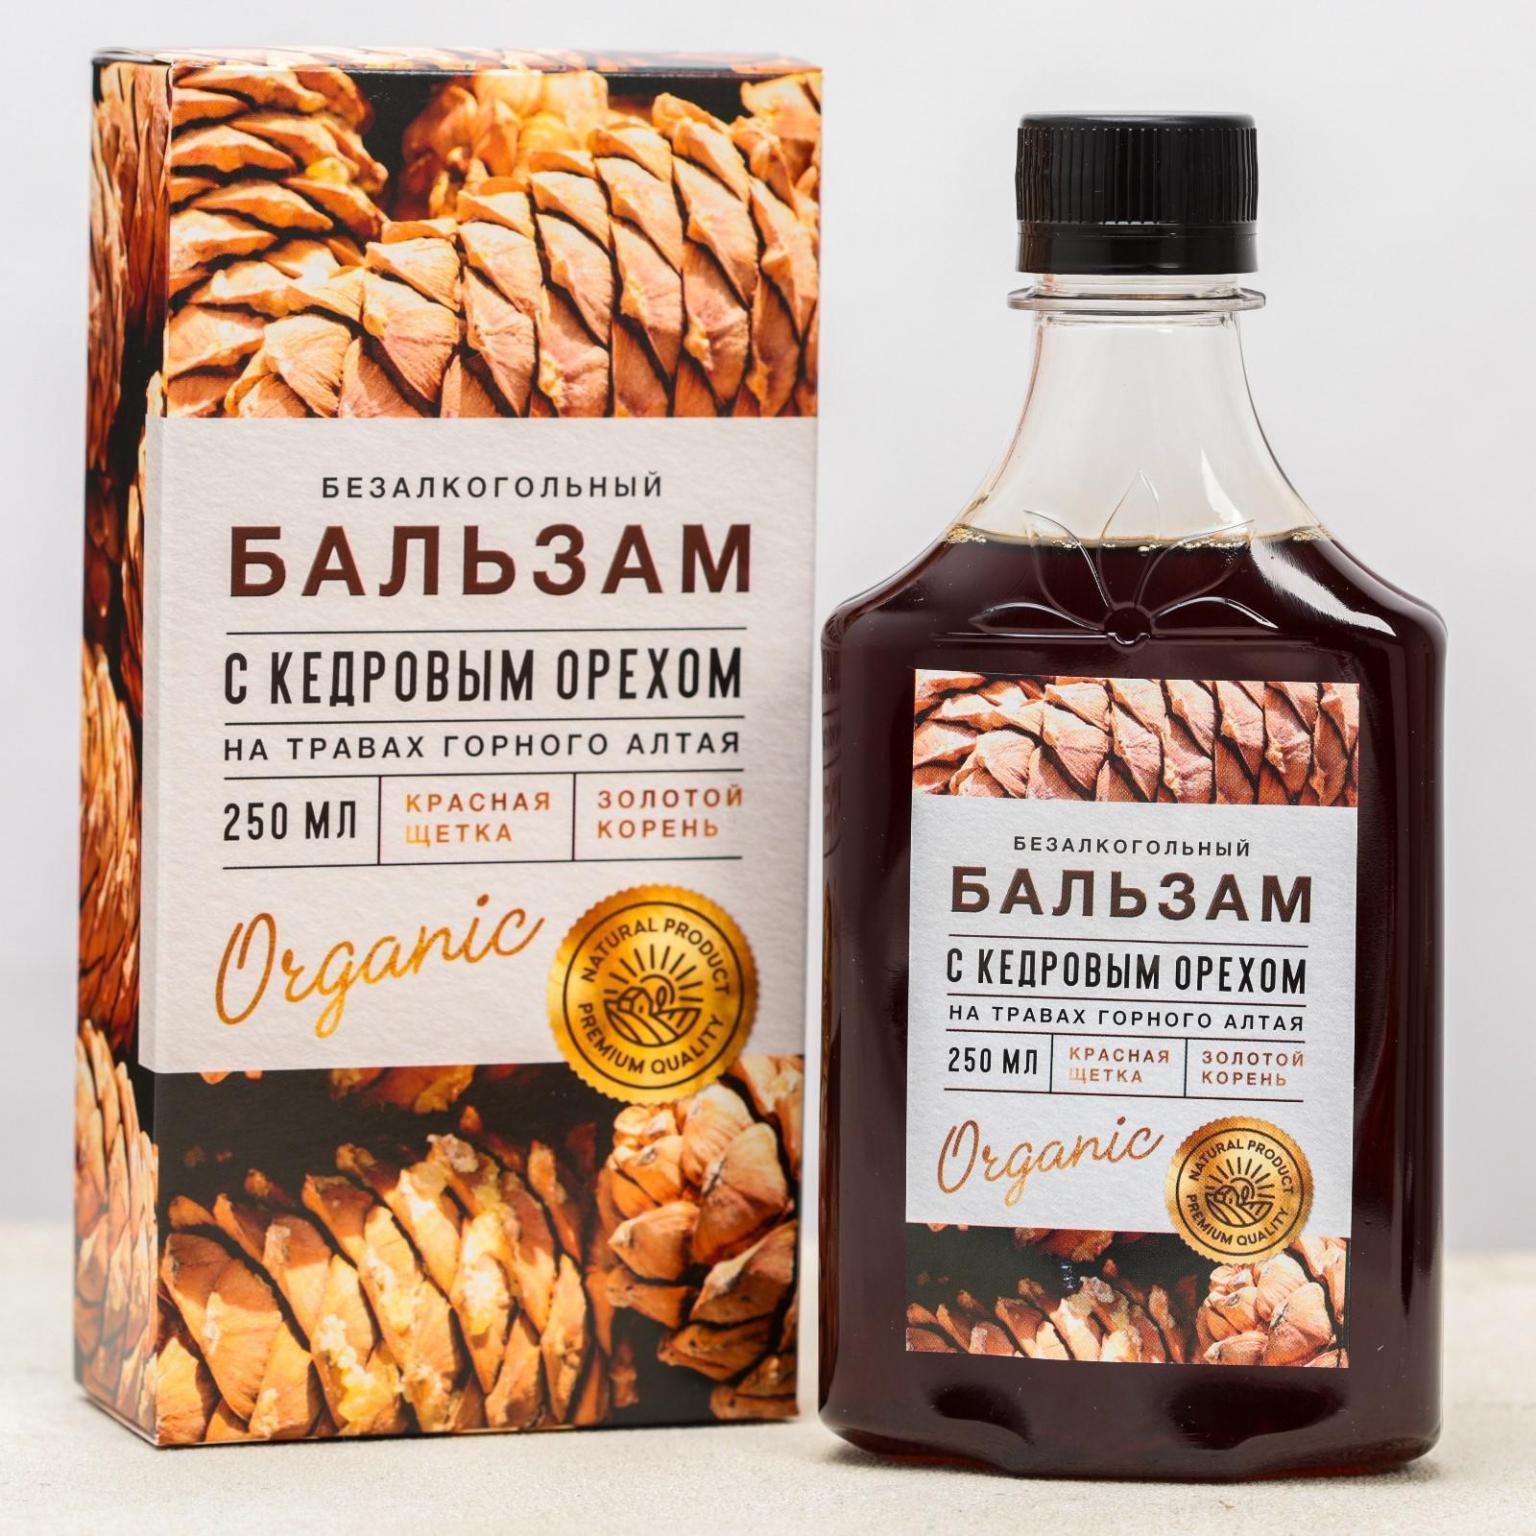 Бальзам на травах «С кедровым орехом»: красная щетка, золотой корень, 250 мл